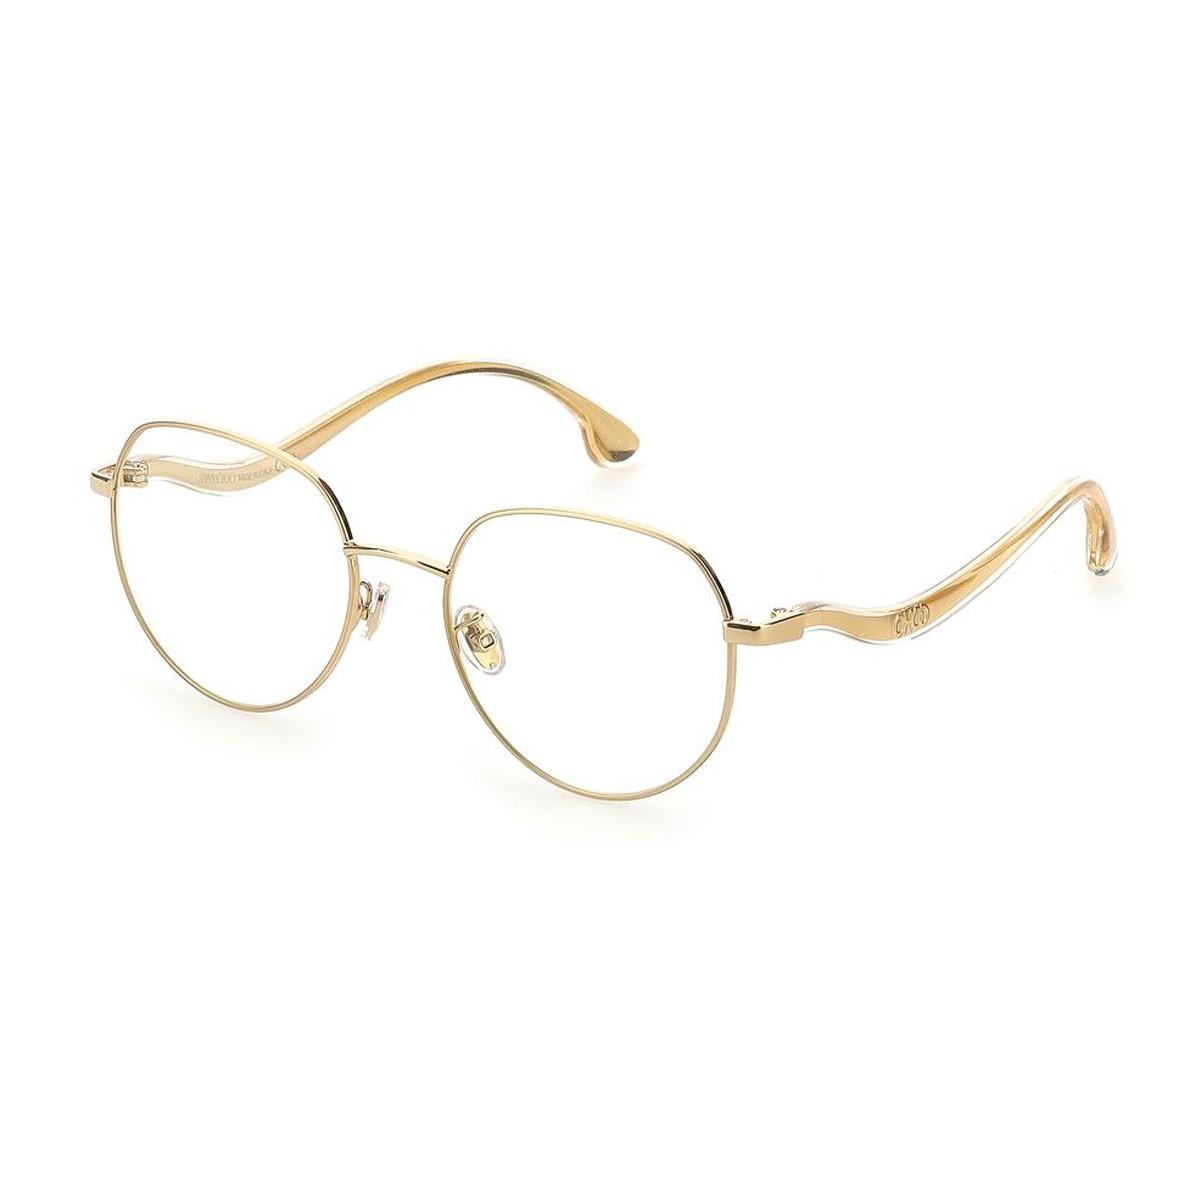 Jc260/g   Women's eyeglasses